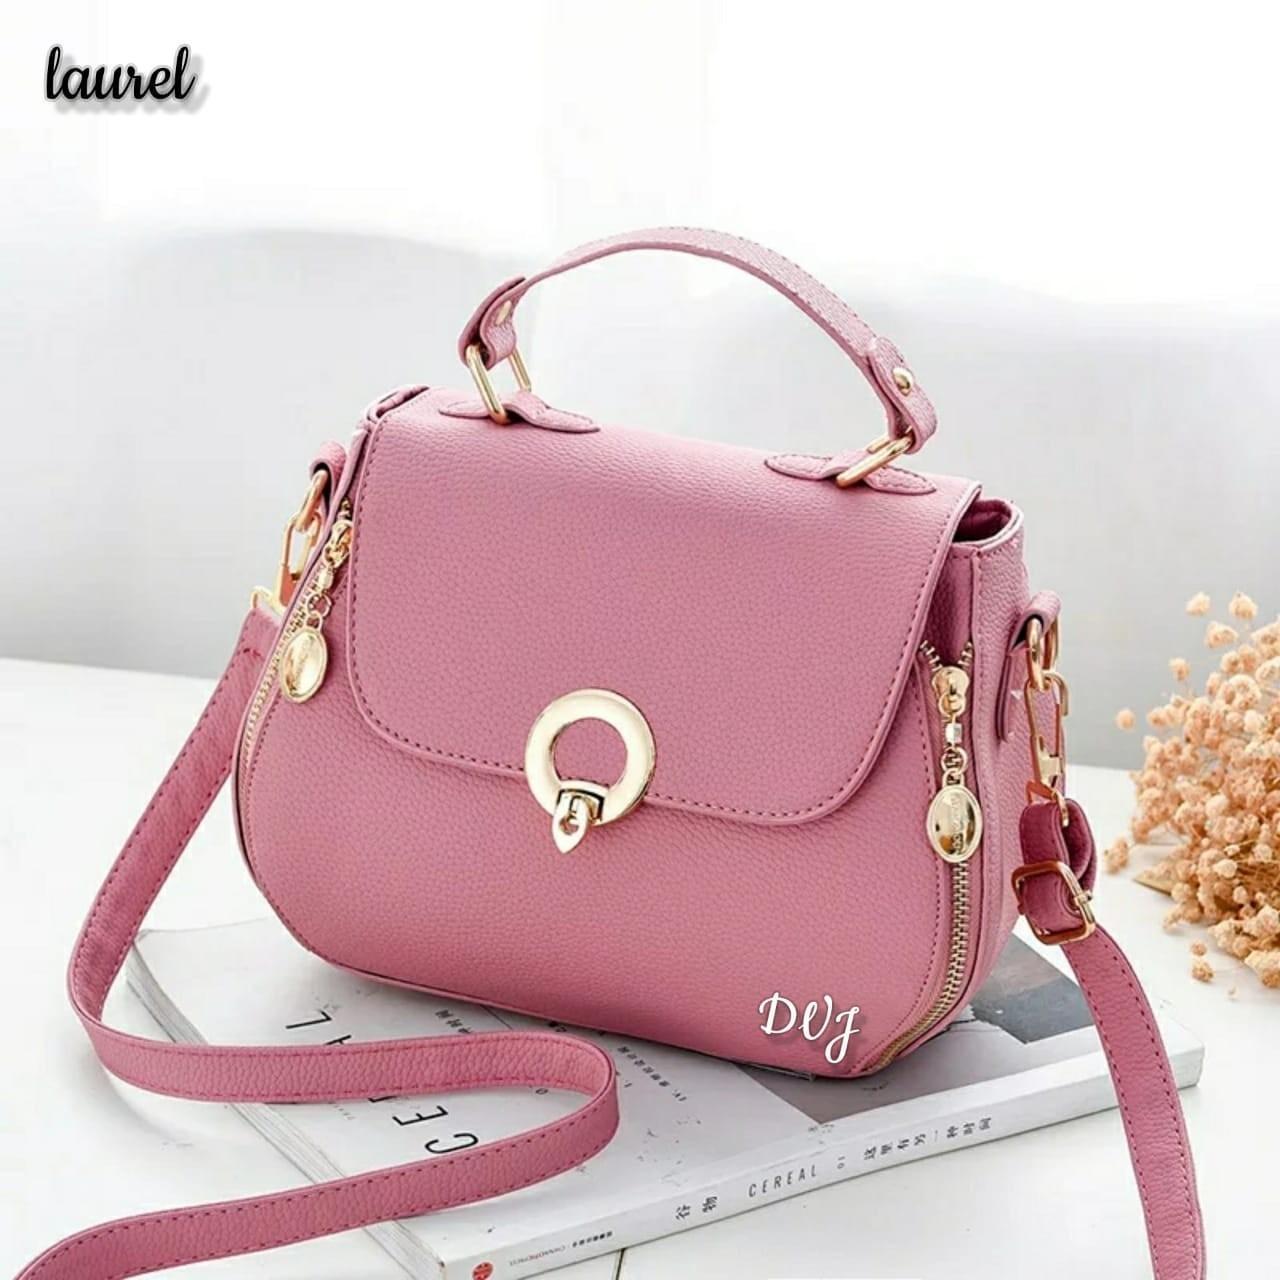 Laurel - Tas Selempang Wanita Terbaru   Dompet Wanita   Dompet Mini    Dompet Fashion   2f44526dd5